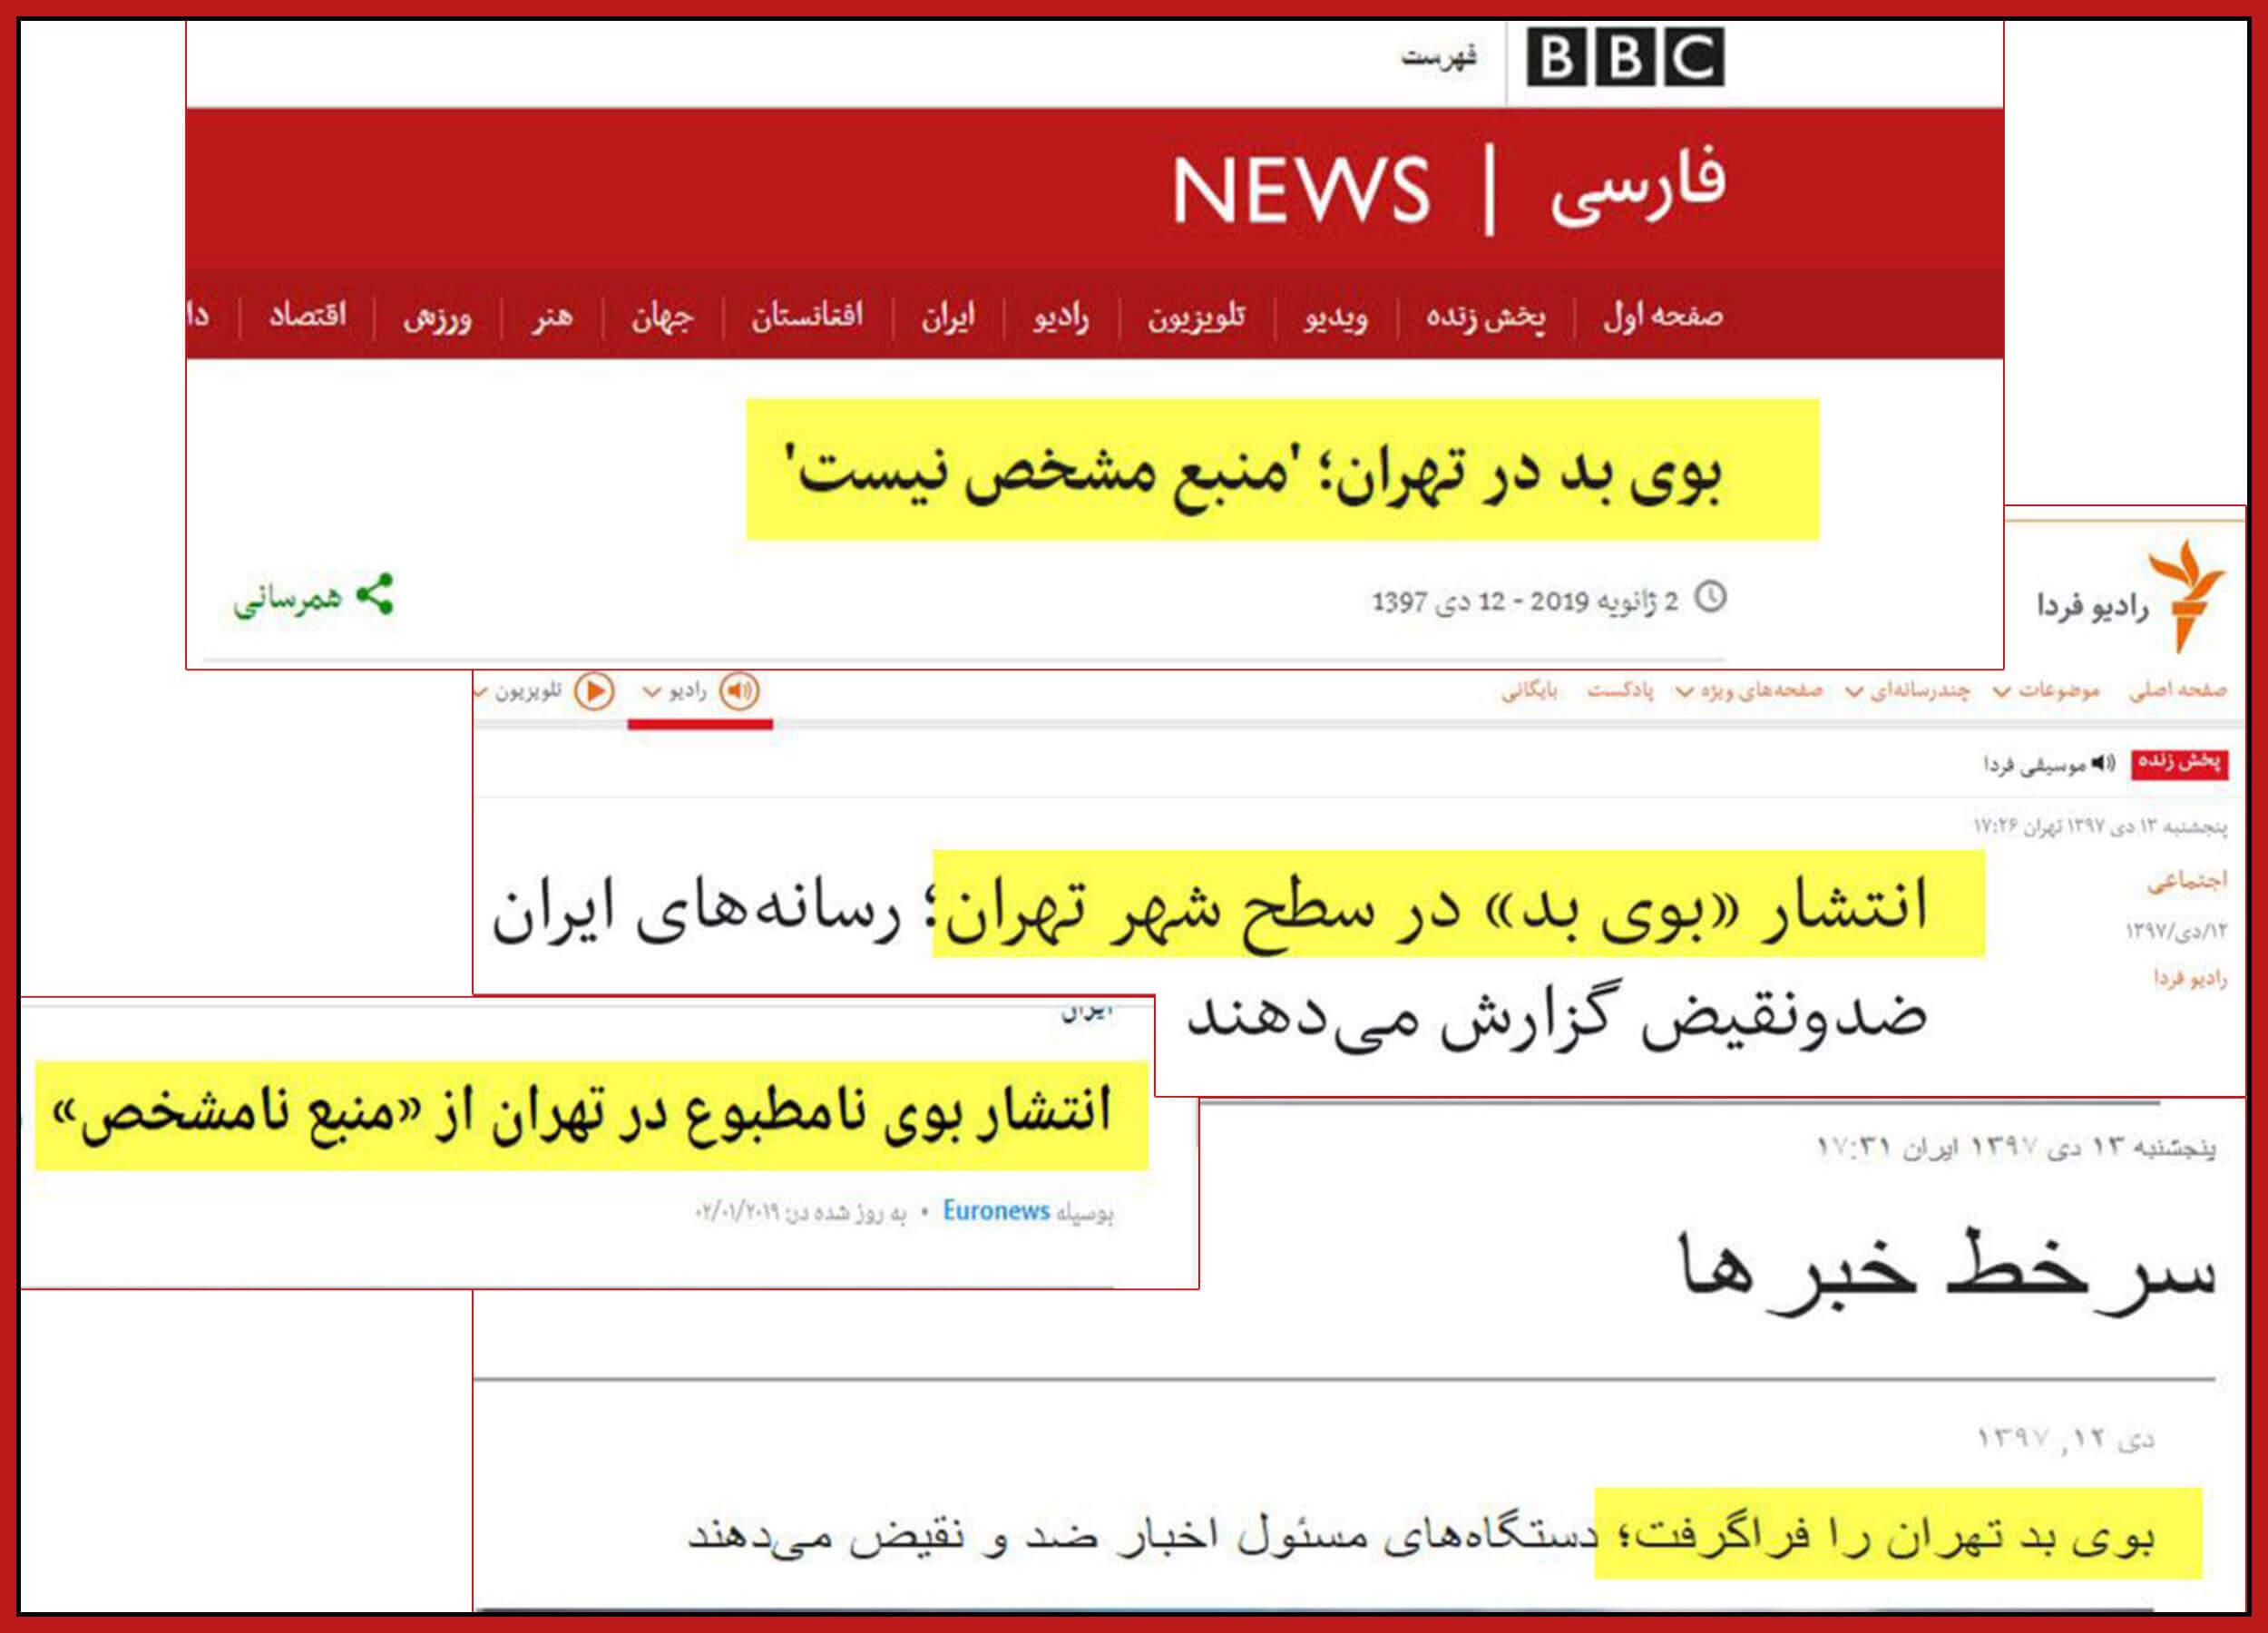 زمین گندیده؛ بوی نامطبوع تهران